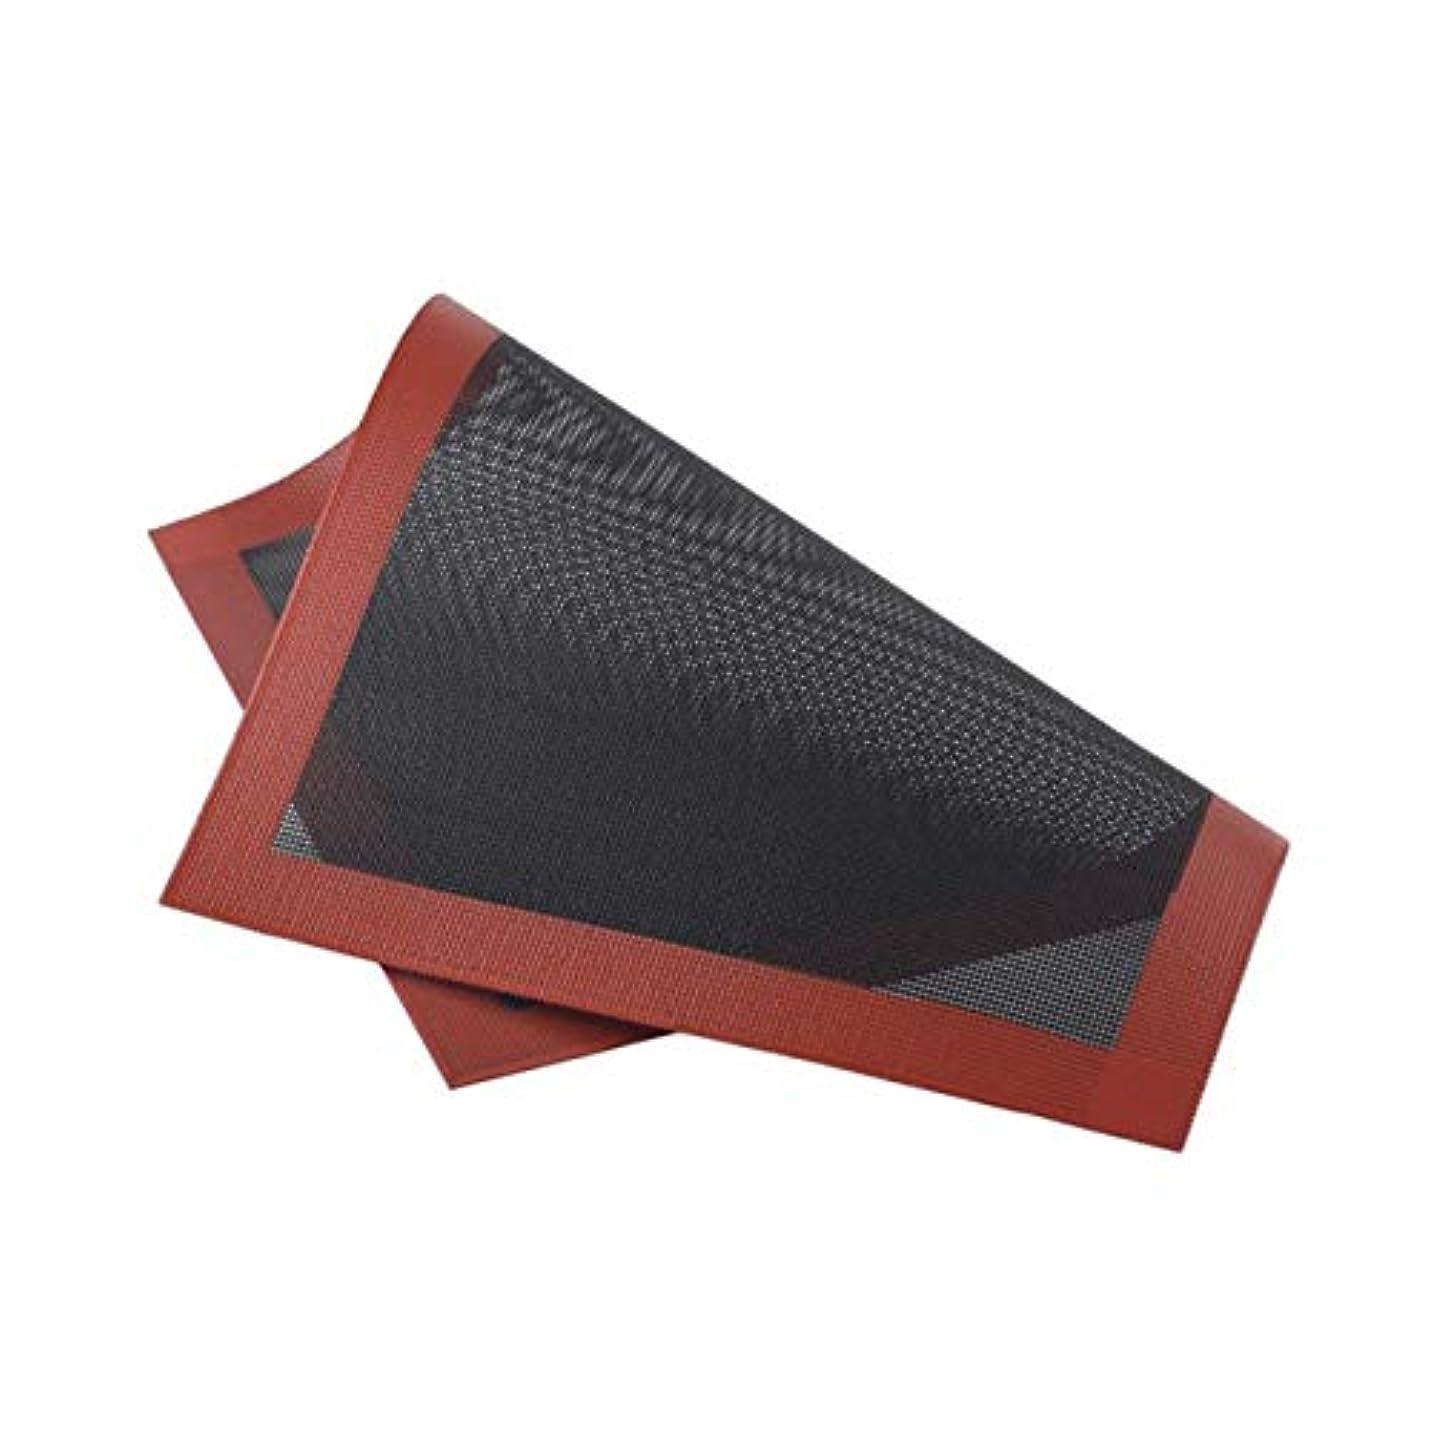 動物園衝撃満了Saikogoods クッキーパンビスケットのための実用的なデザインホームキッチンベーキングツールのシリコンベーキングマットノンスティックベーキングオーブンシートライナー 黒と赤 直角